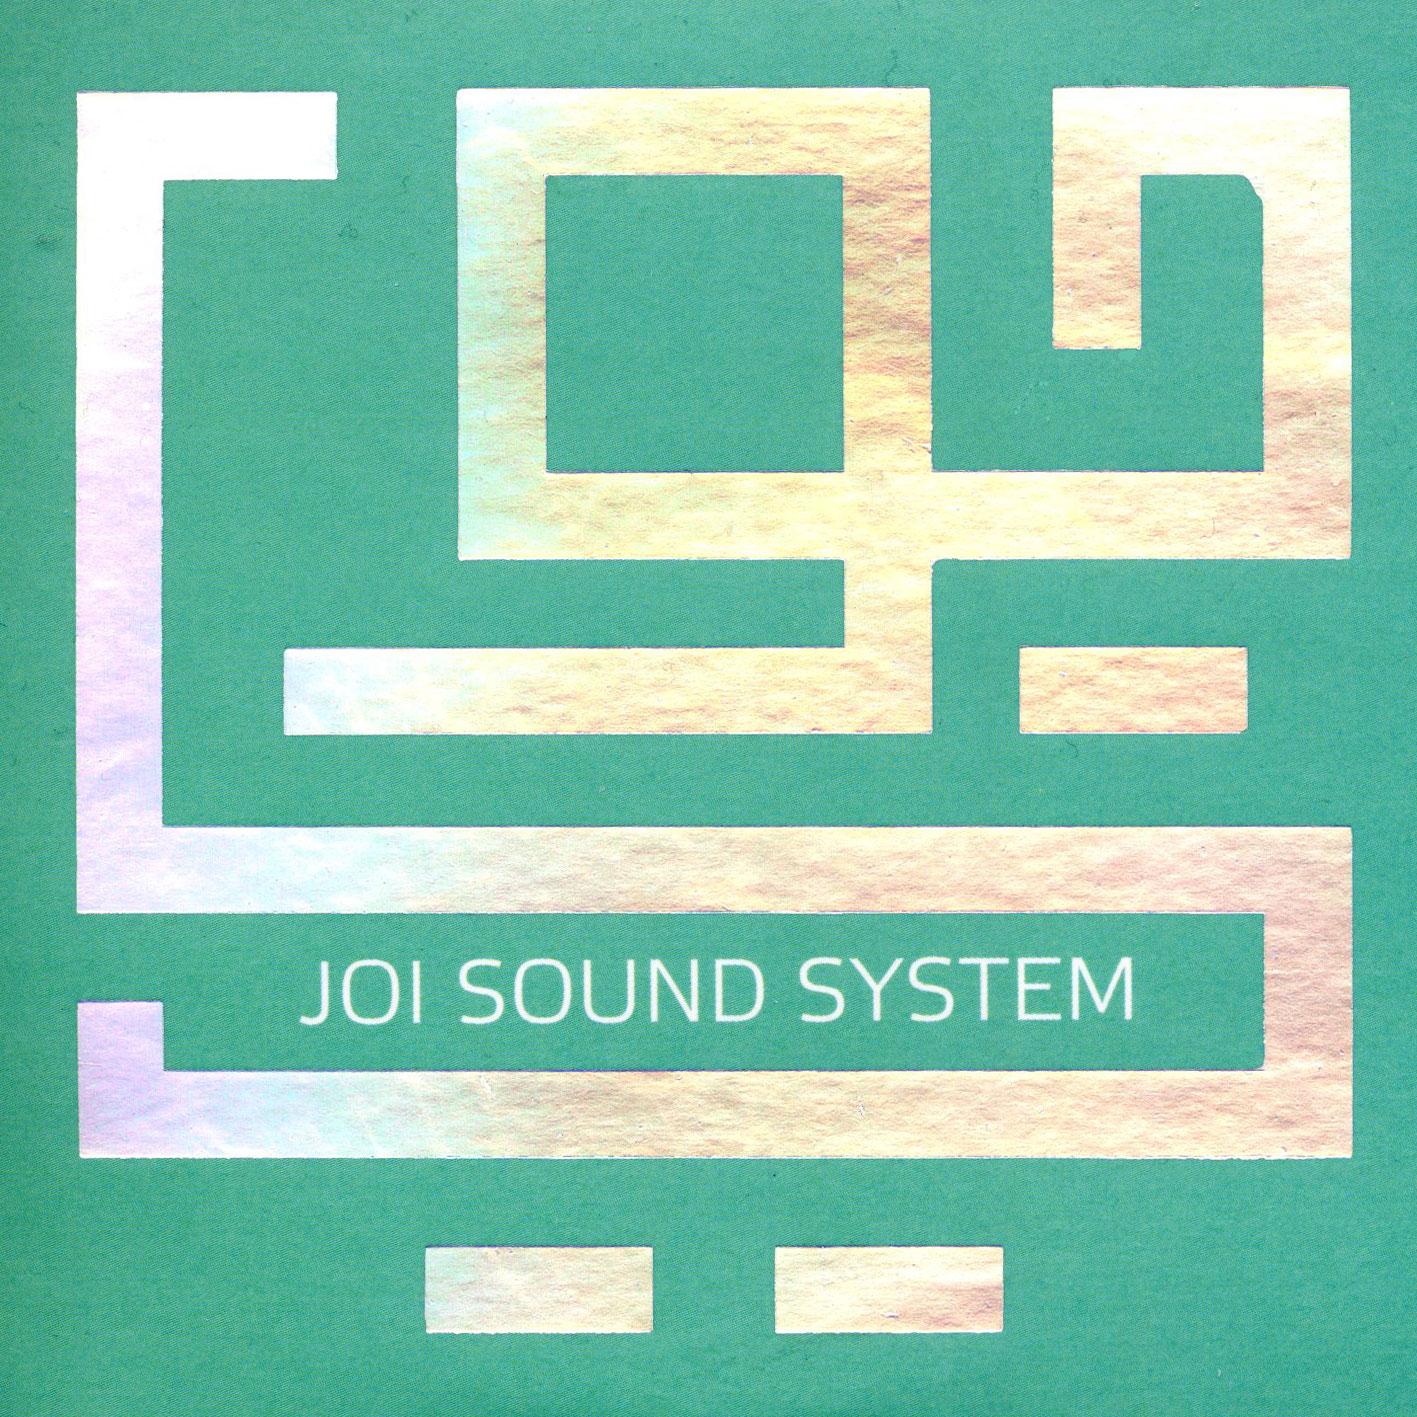 Joi Audio